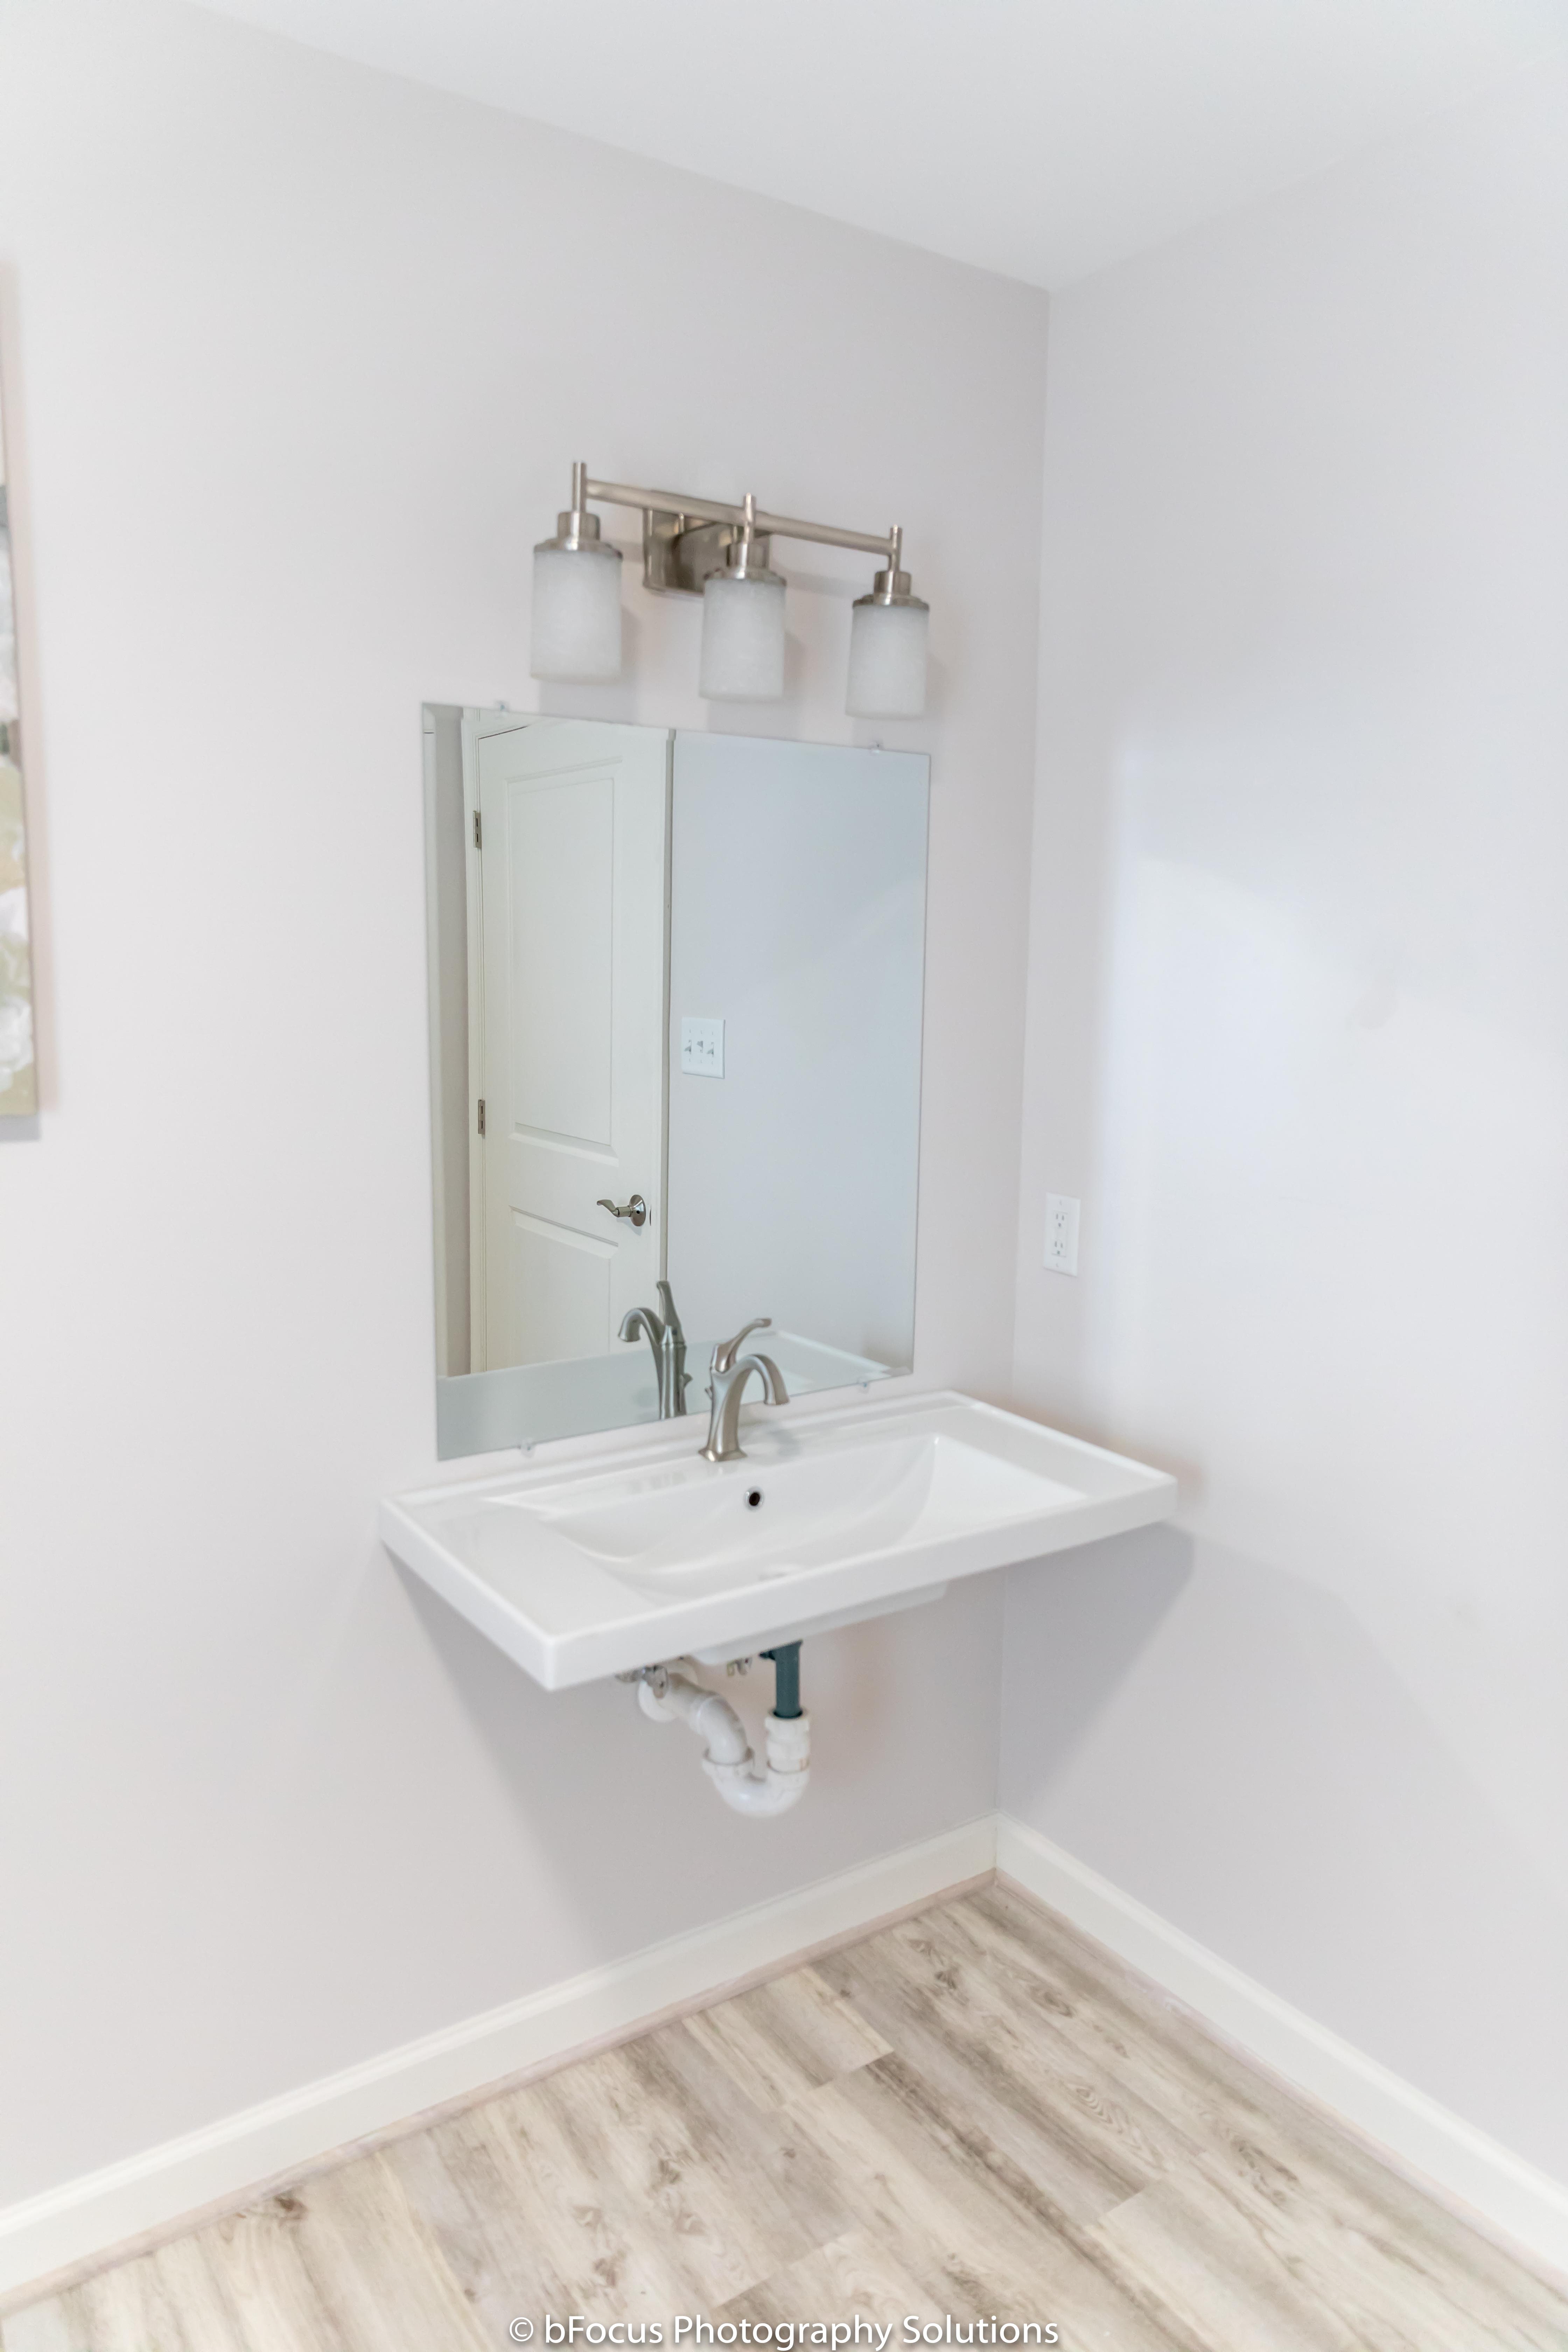 Bathroom #1